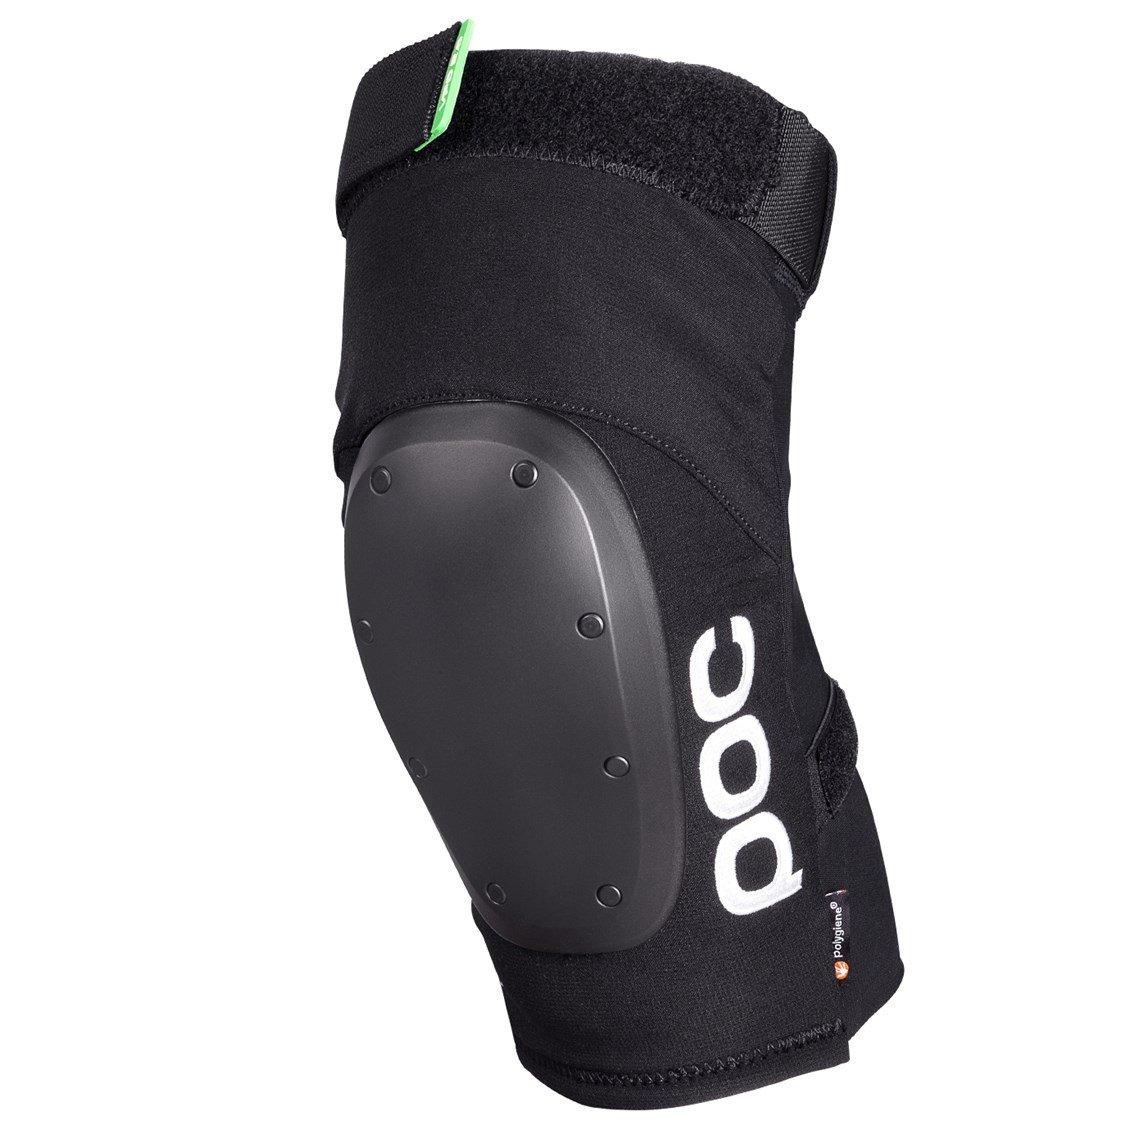 Unisex POC Joint Vpd 2.0 Dh Long Knee Protecci/ón De Ciclismo